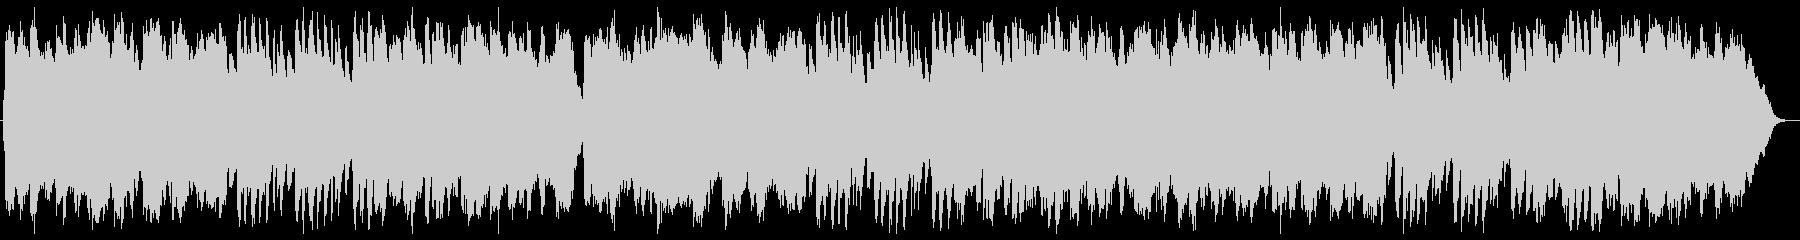 もろびとこぞりて オルゴール&Str.の未再生の波形